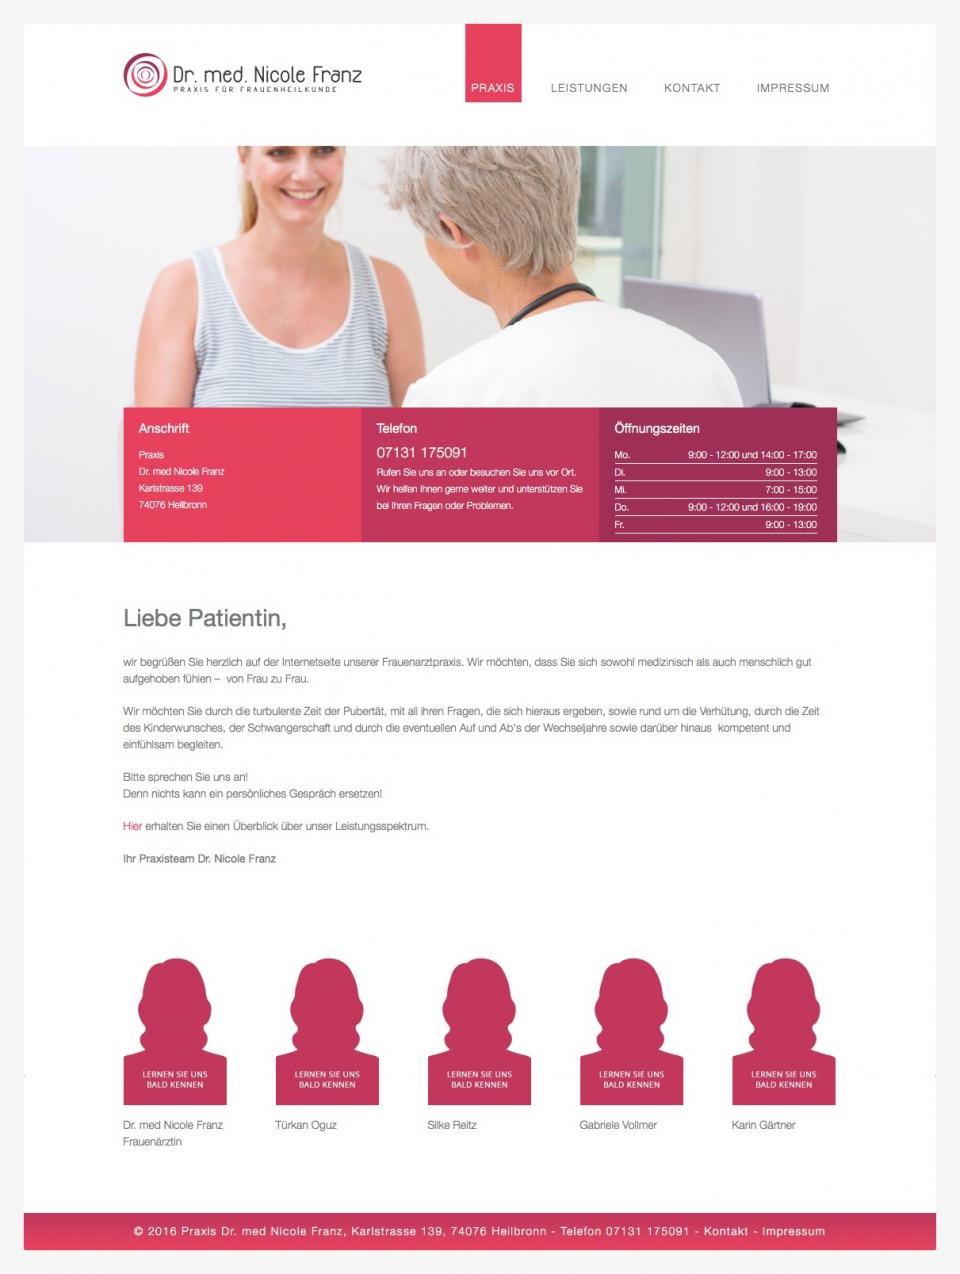 Frauenarzt_Nicole_Franz_Heilbronn_1